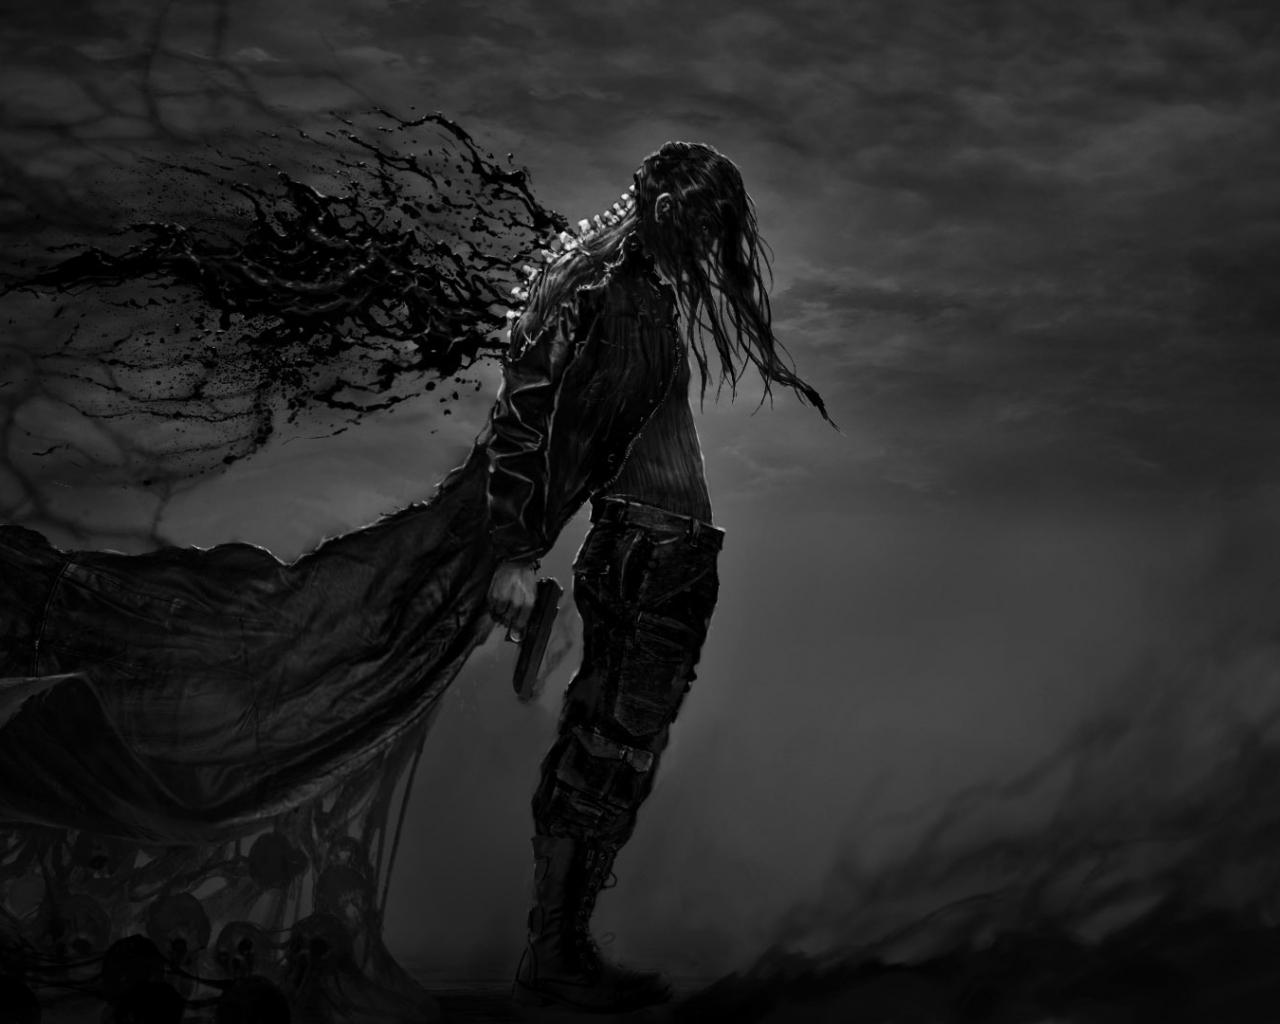 Dark Fantasy Hatred Warrior Video Game Art 1280x1024 Wallpaper